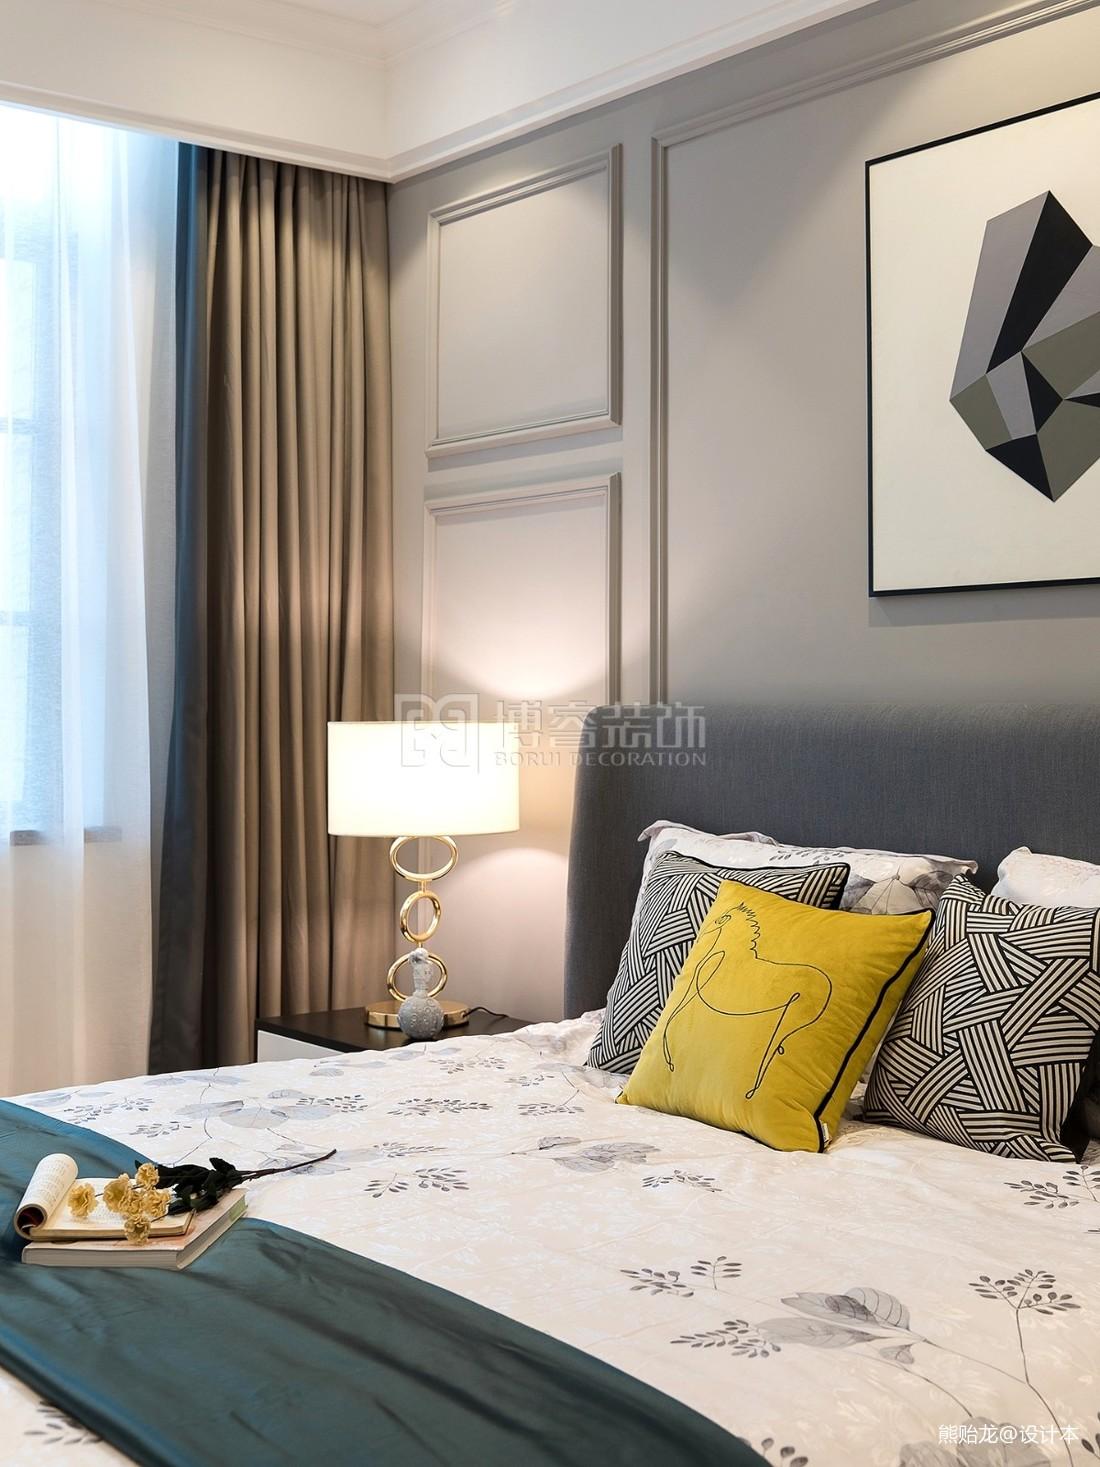 欧式台灯卧室床头灯图片